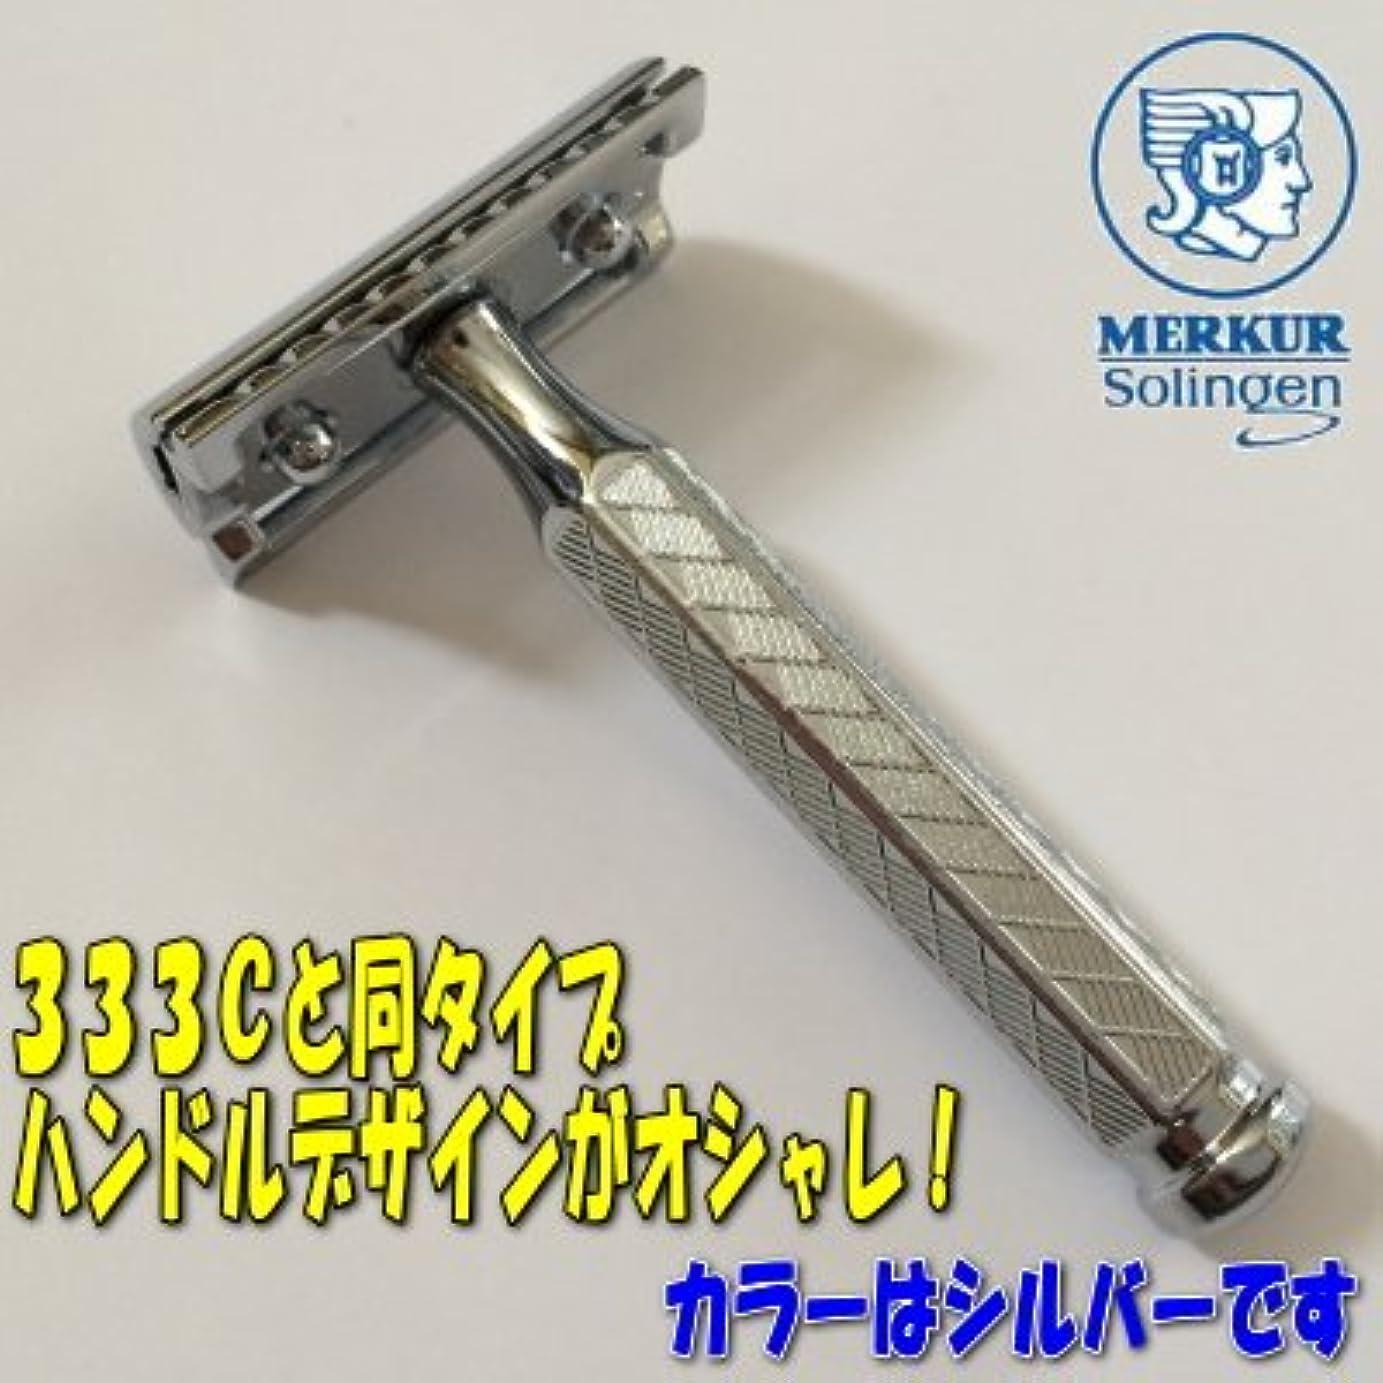 グレートオーク失望させる自分を引き上げるメルクール髭剃り(ひげそり) 342